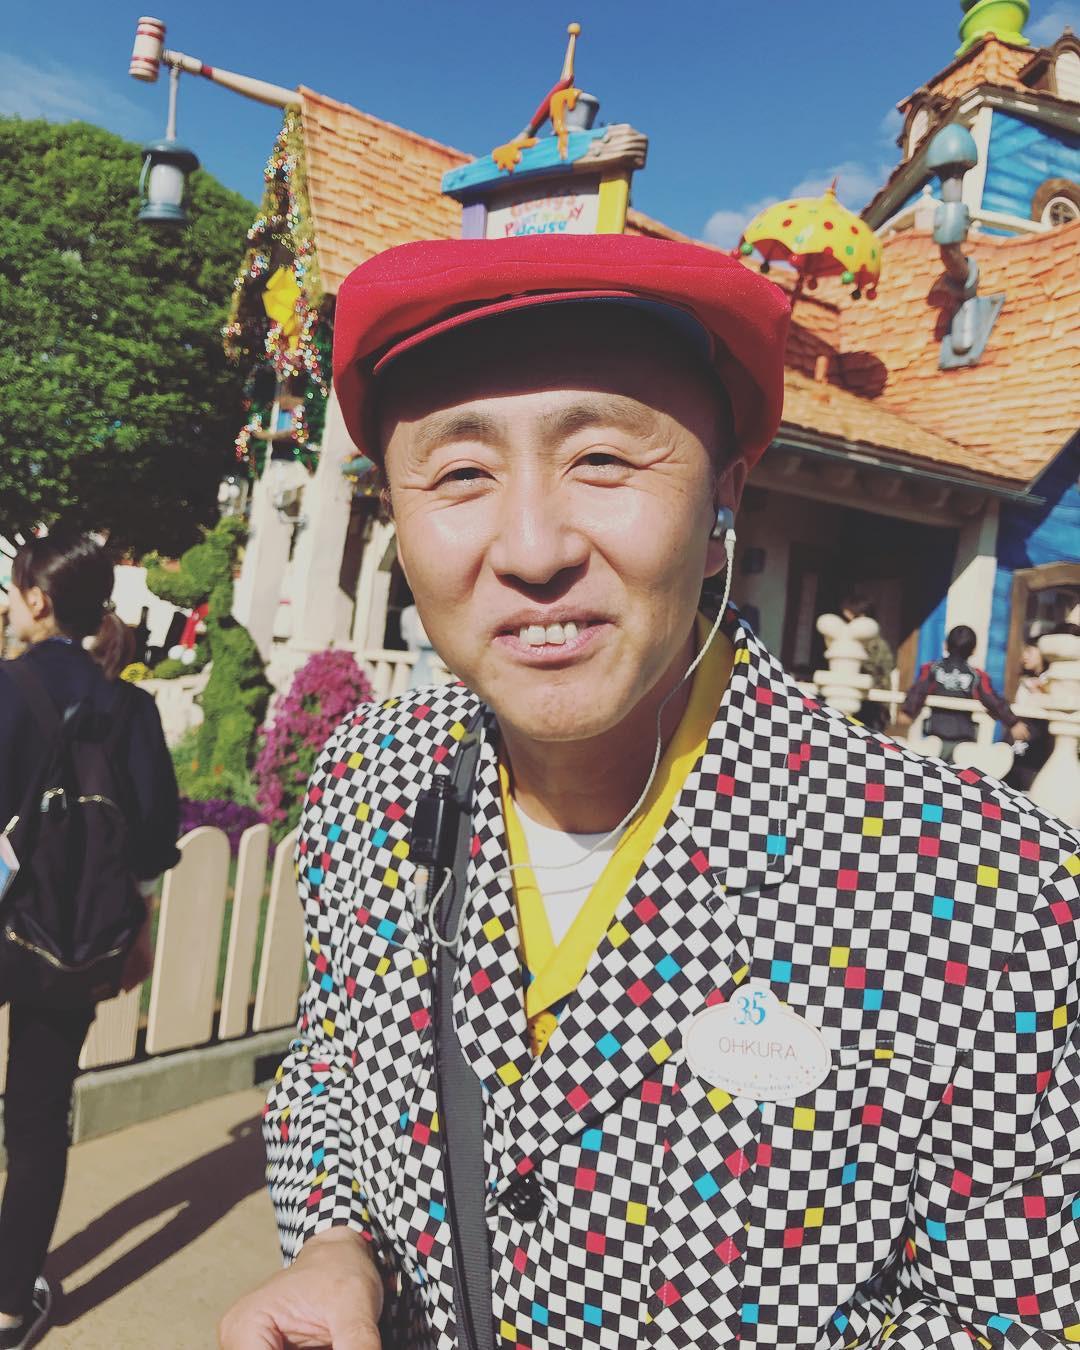 【大人気】ディズニーキャスト「おおくらさん」の魅力&秘密まとめ!